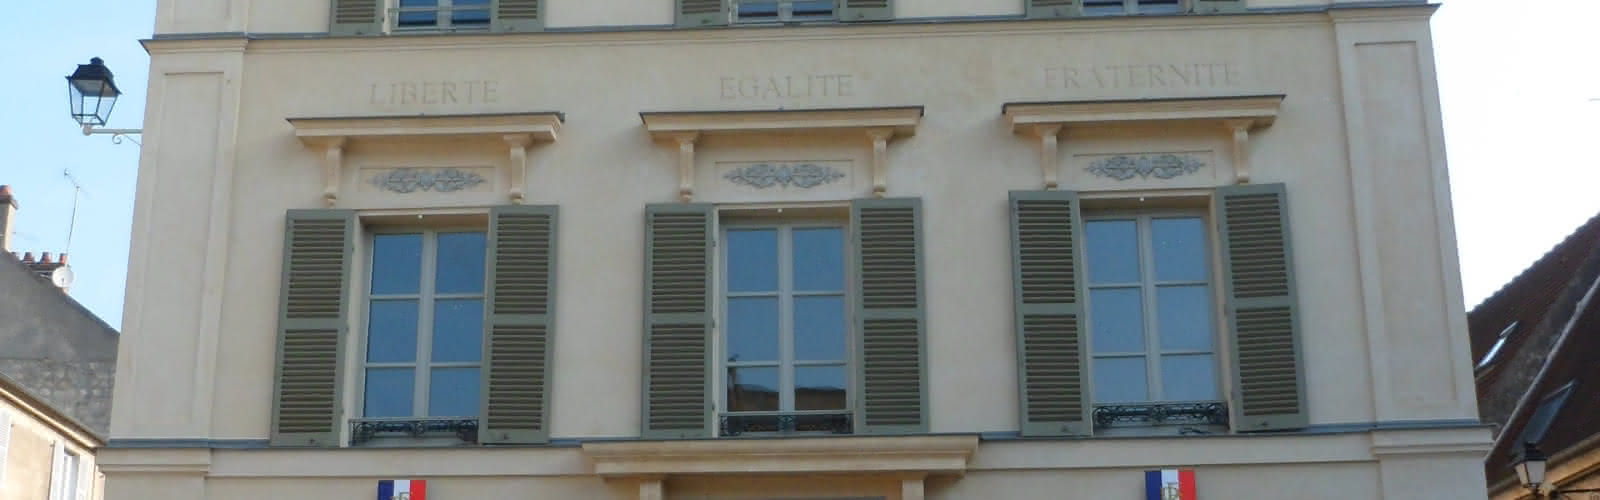 Mairie de Luzarches